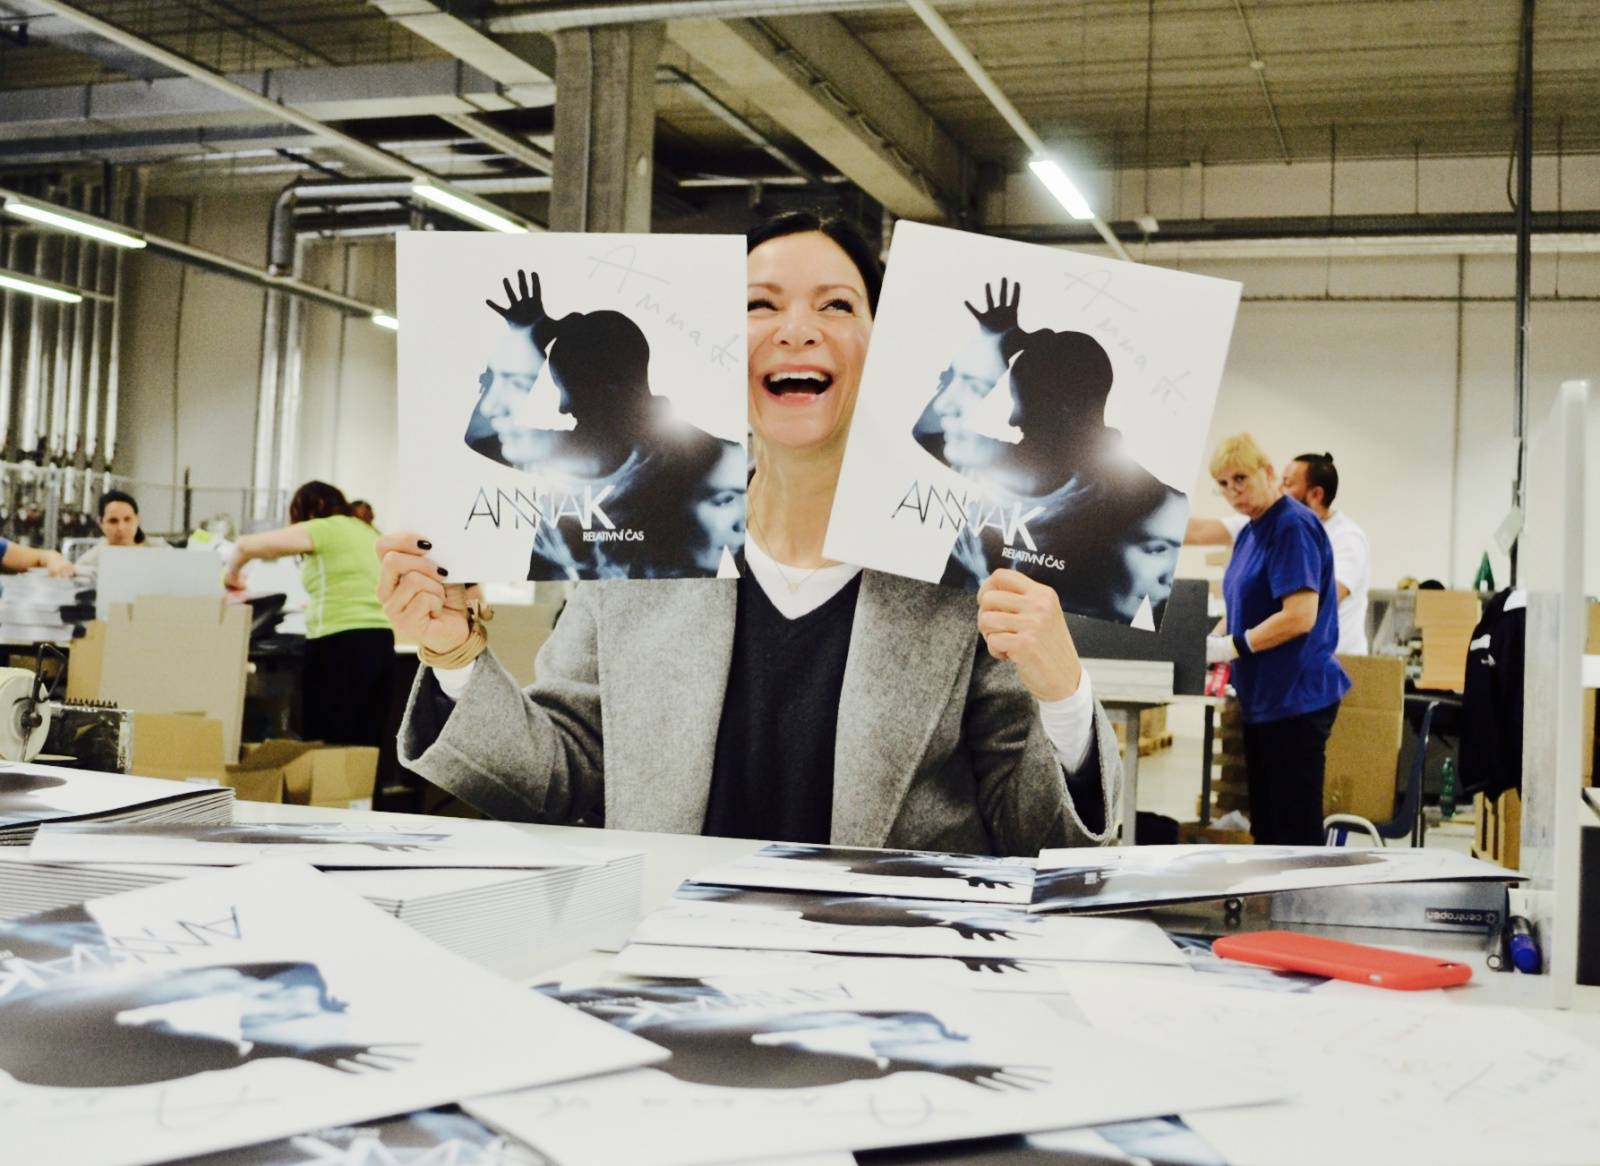 Anna K. vydá Relativní čas na vinylu, novou desku chystá na příští rok